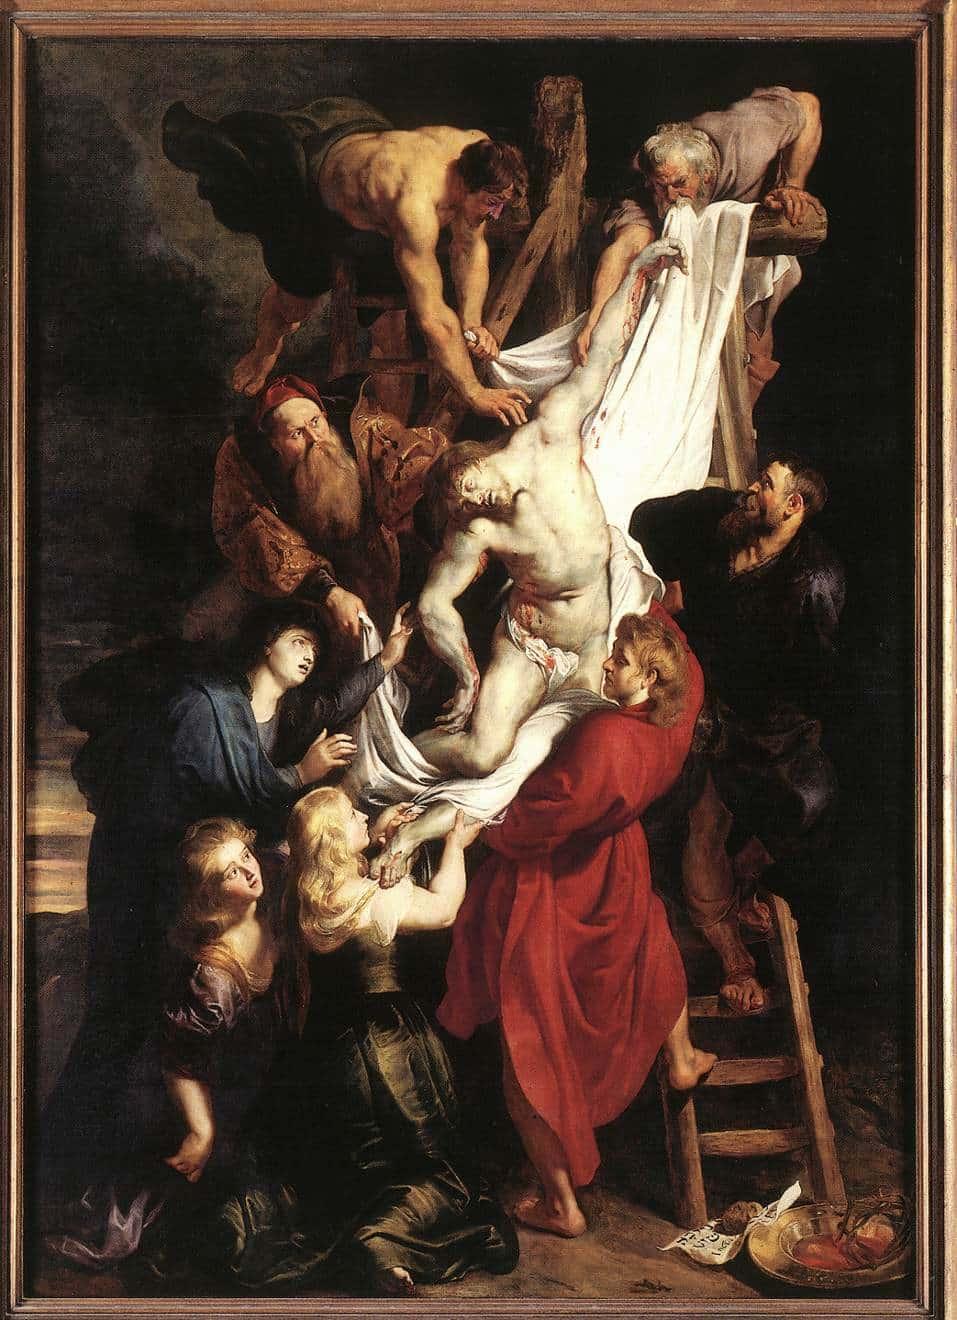 Снятие с креста Рубенс (деталь)